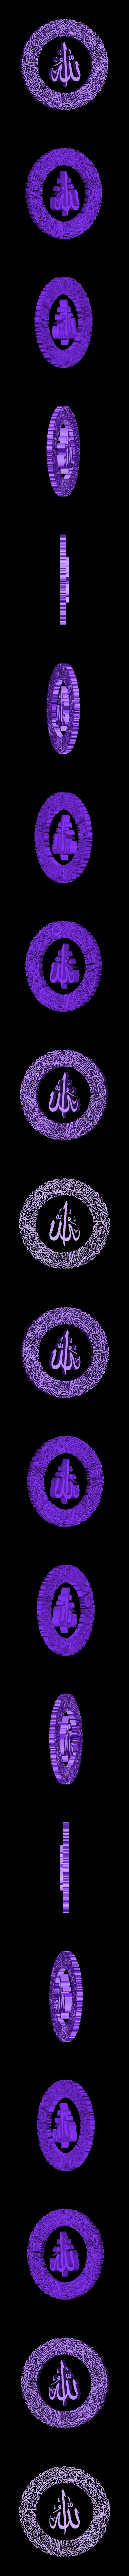 Ayat low poly.stl Télécharger fichier STL gratuit Arabesque High & LowPoly • Design pour imprimante 3D, samlyn696